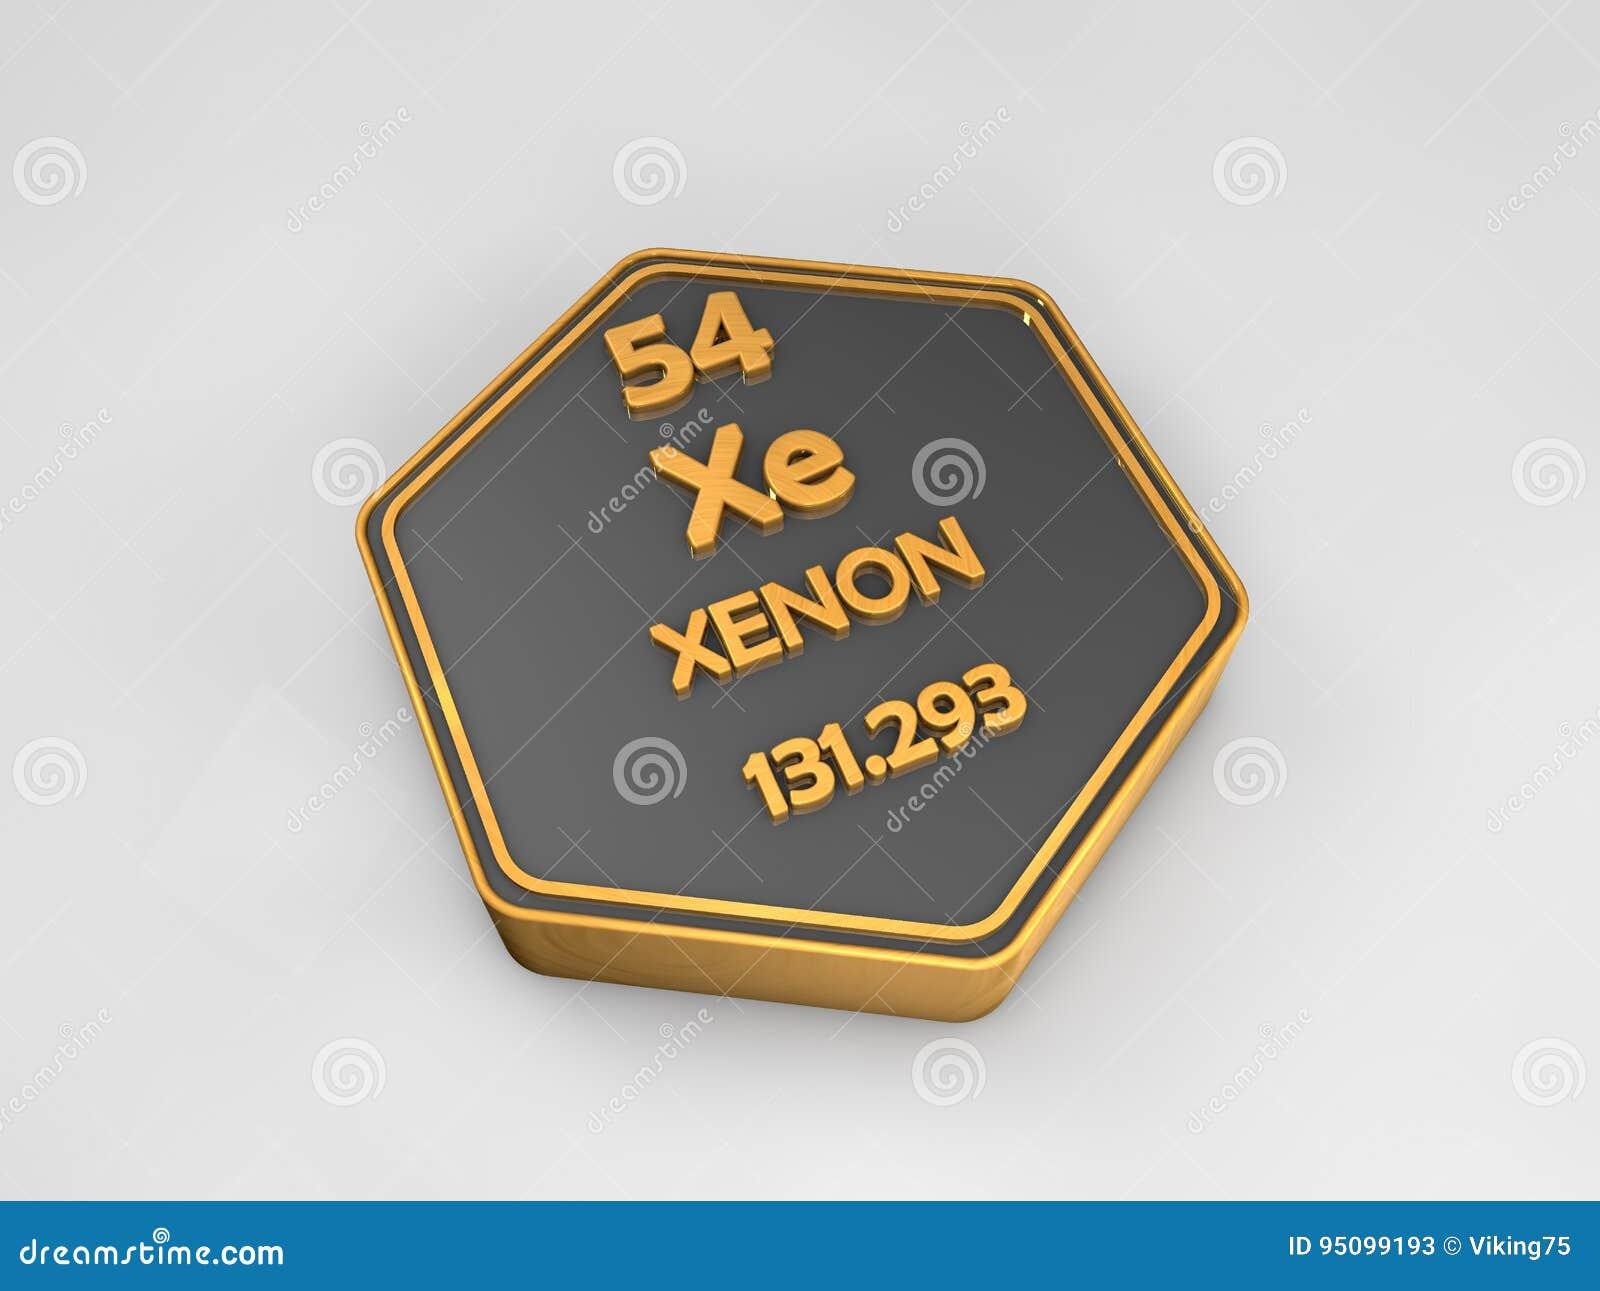 Xenn xe forma hexagonal de la tabla peridica del elemento download xenn xe forma hexagonal de la tabla peridica del elemento qumico stock de urtaz Images